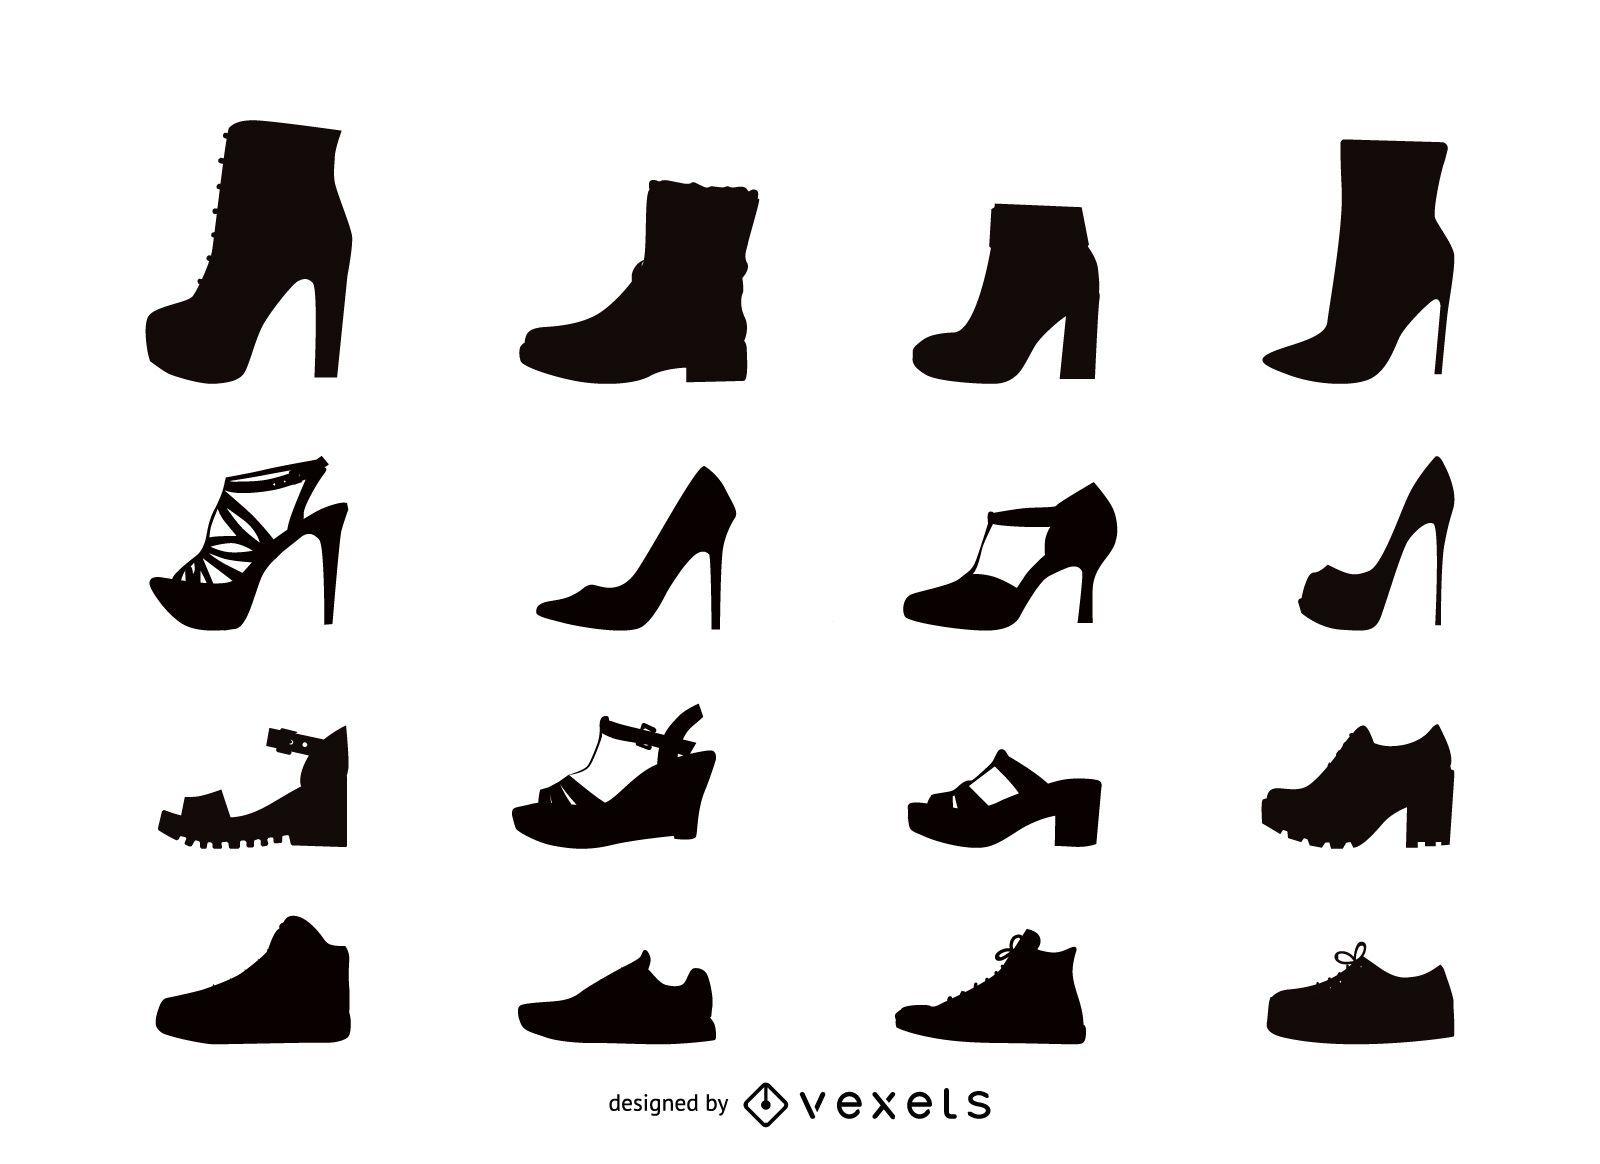 cb54cfe57eb Conjunto de iconos planos de zapatos de mujer - Descargar vector